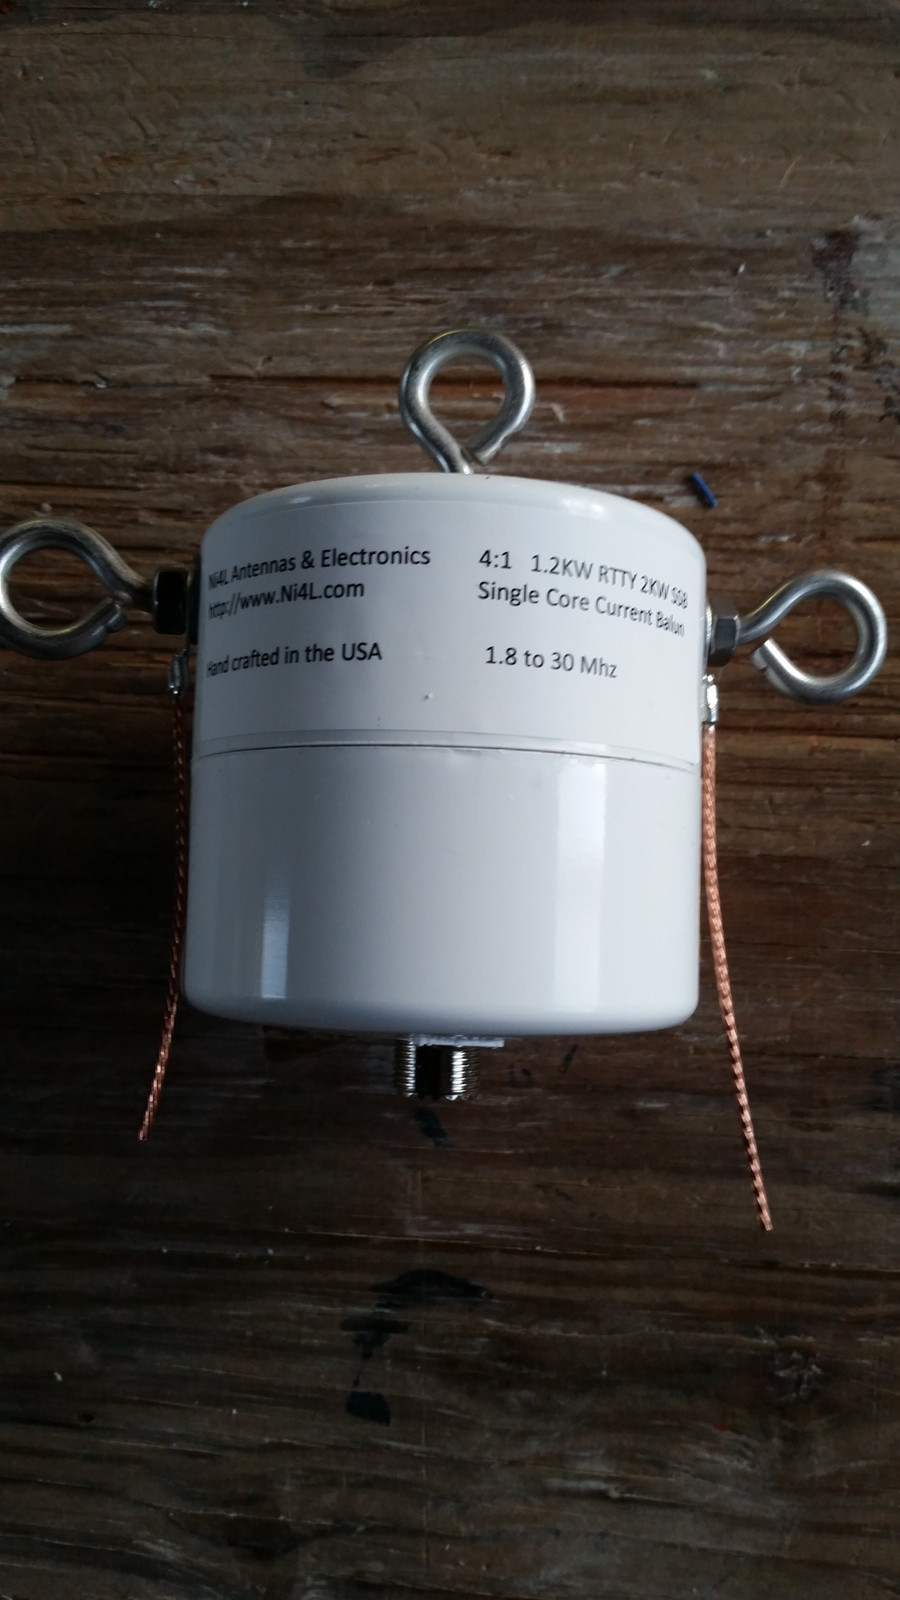 Ni4L single core FT-240/61 core  legal limit 4:1 balun